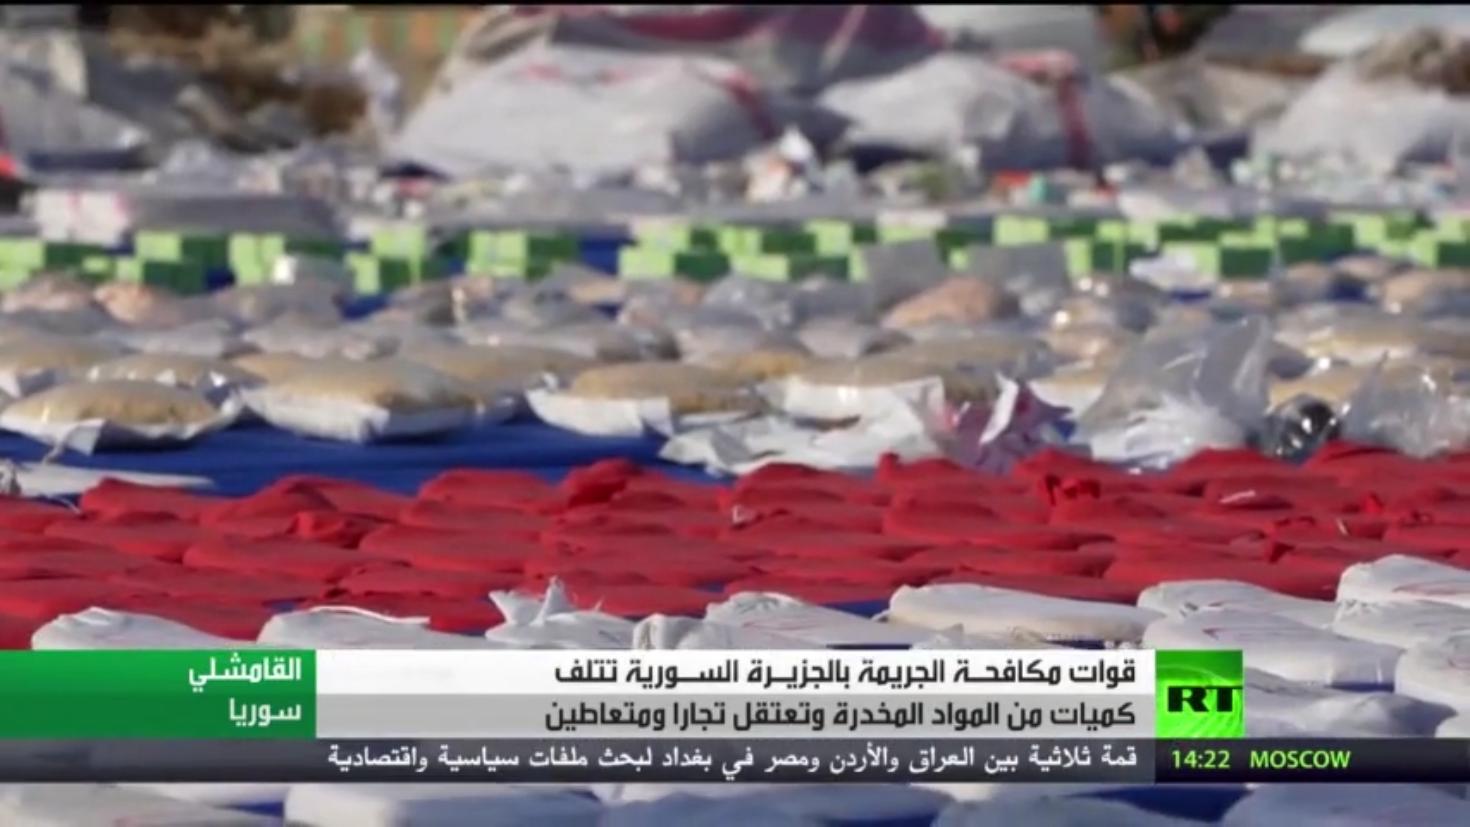 المخدرات بالجزيرة السورية.. إتلاف واعتقالات